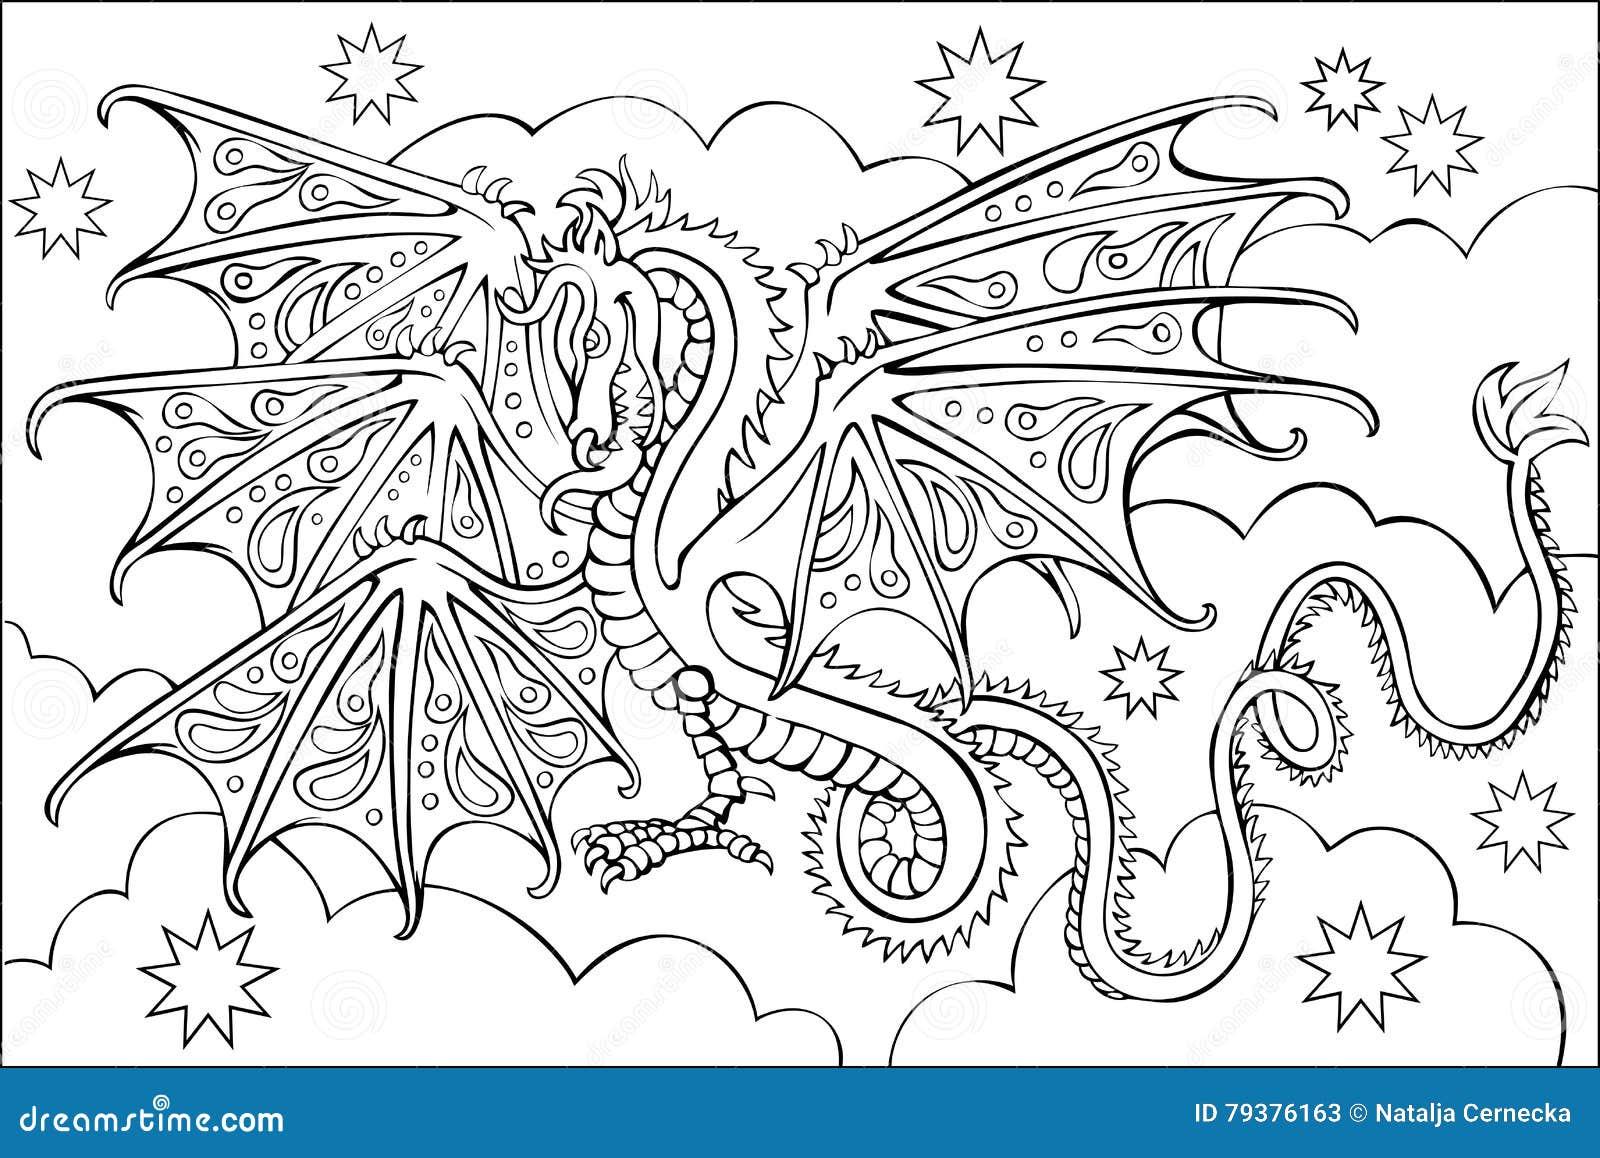 Página Com O Desenho Preto E Branco Do Dragão Para Colorir